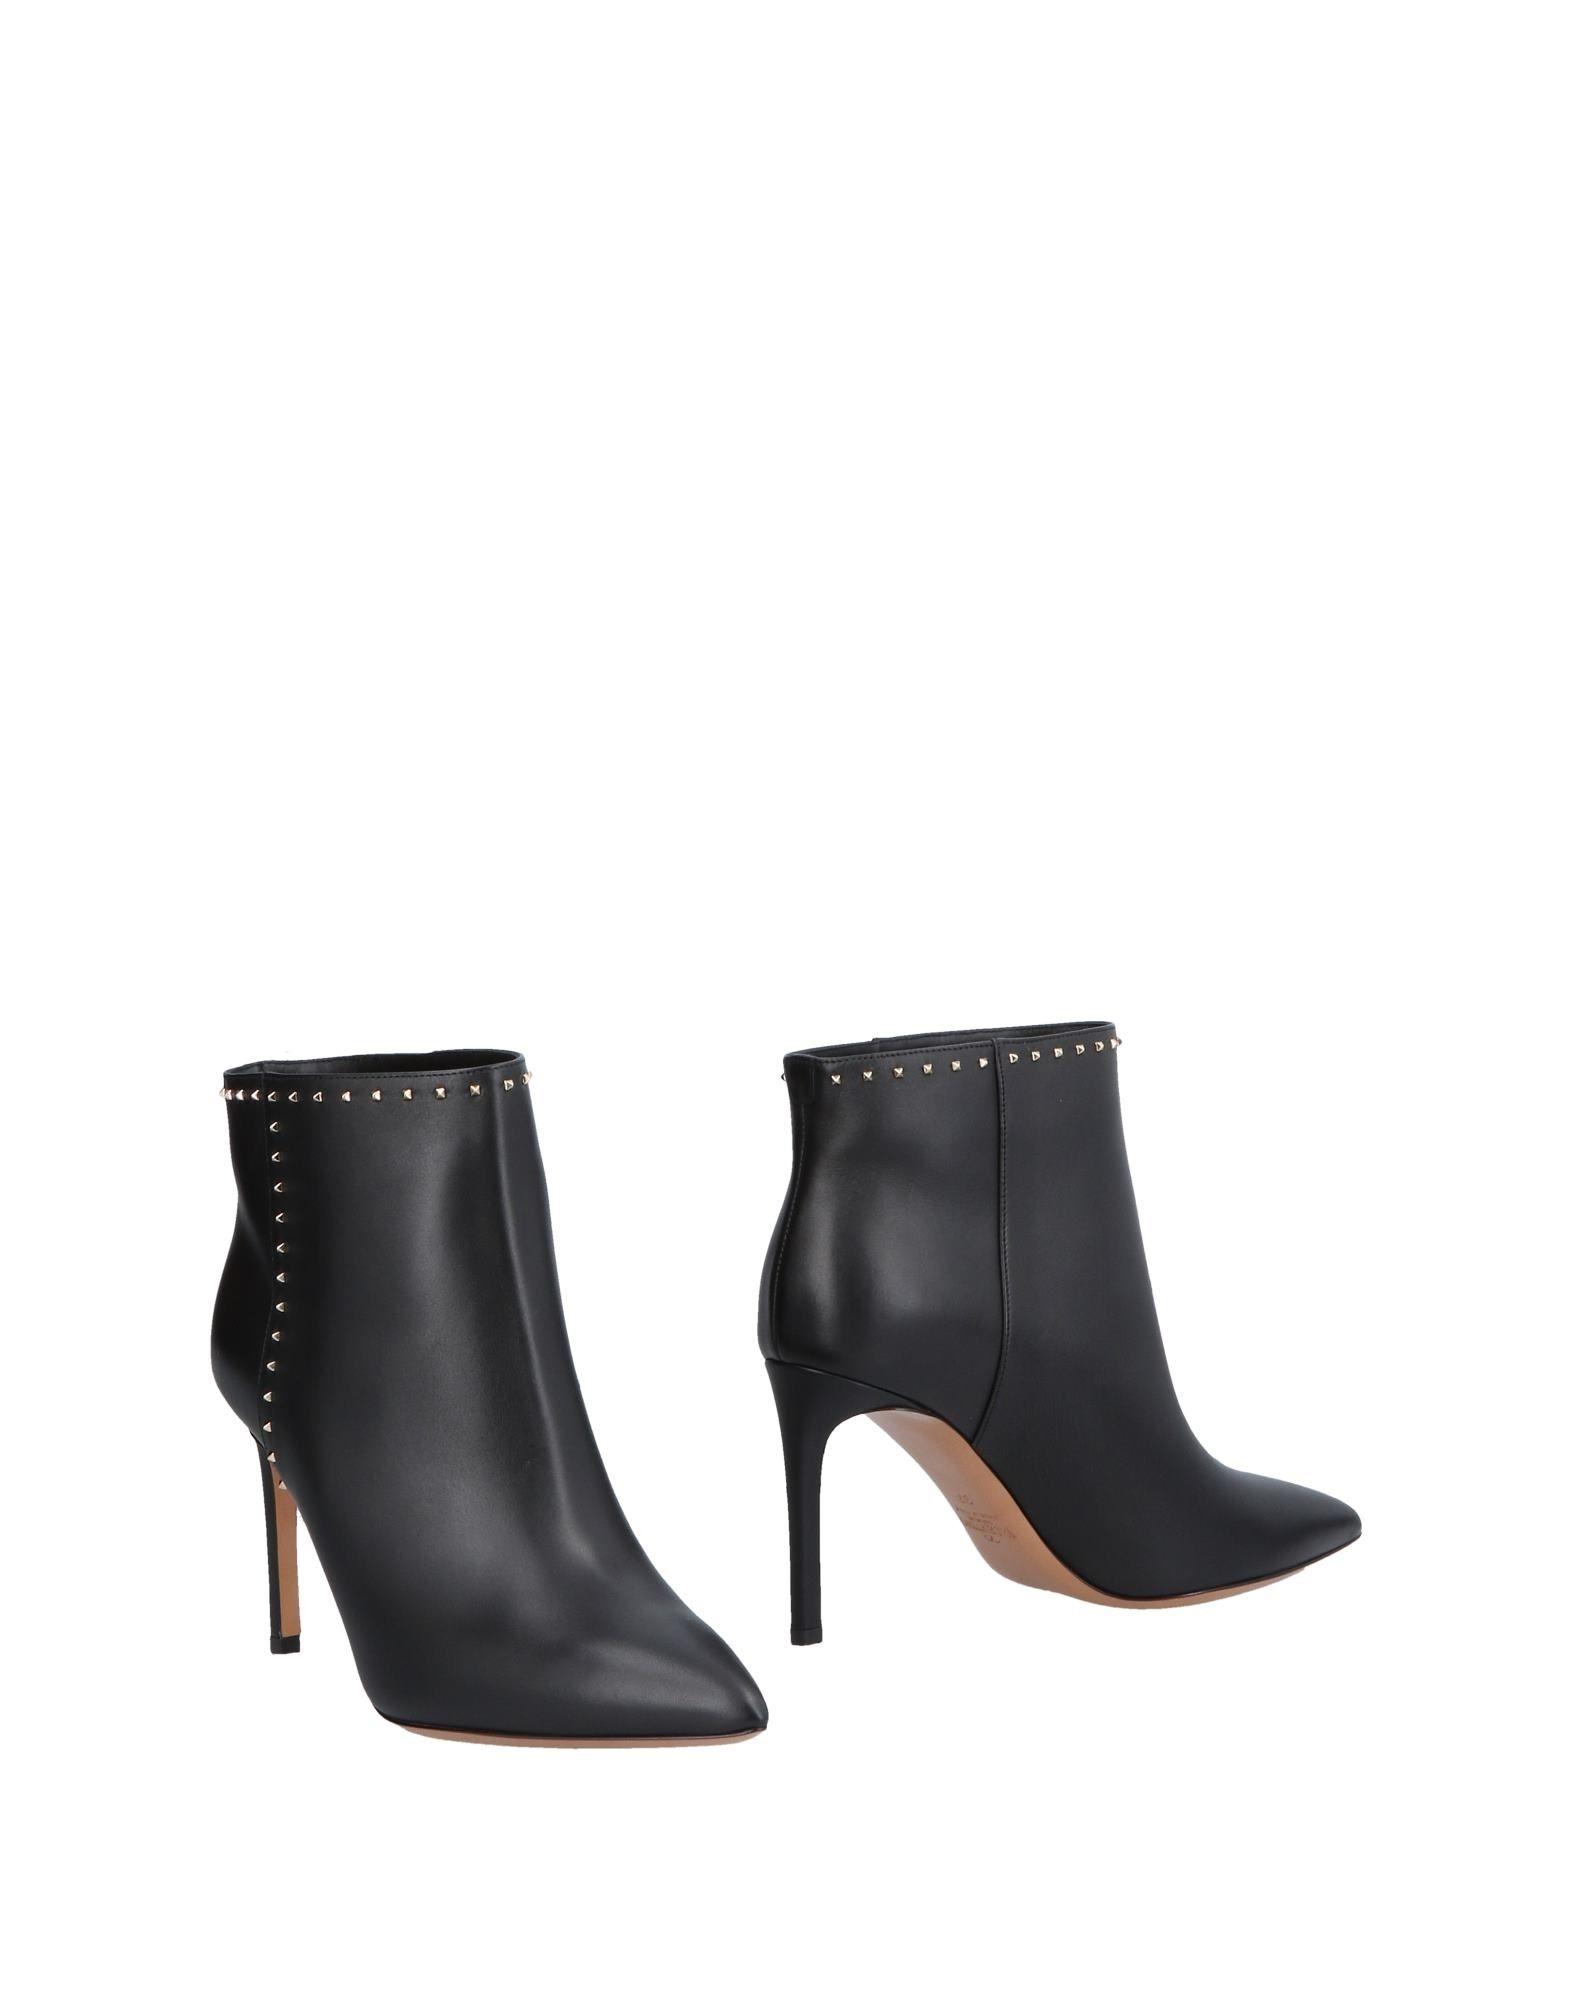 Valentino Garavani Stiefelette Damen Schuhe  11501278PAGünstige gut aussehende Schuhe Damen 34cc8d